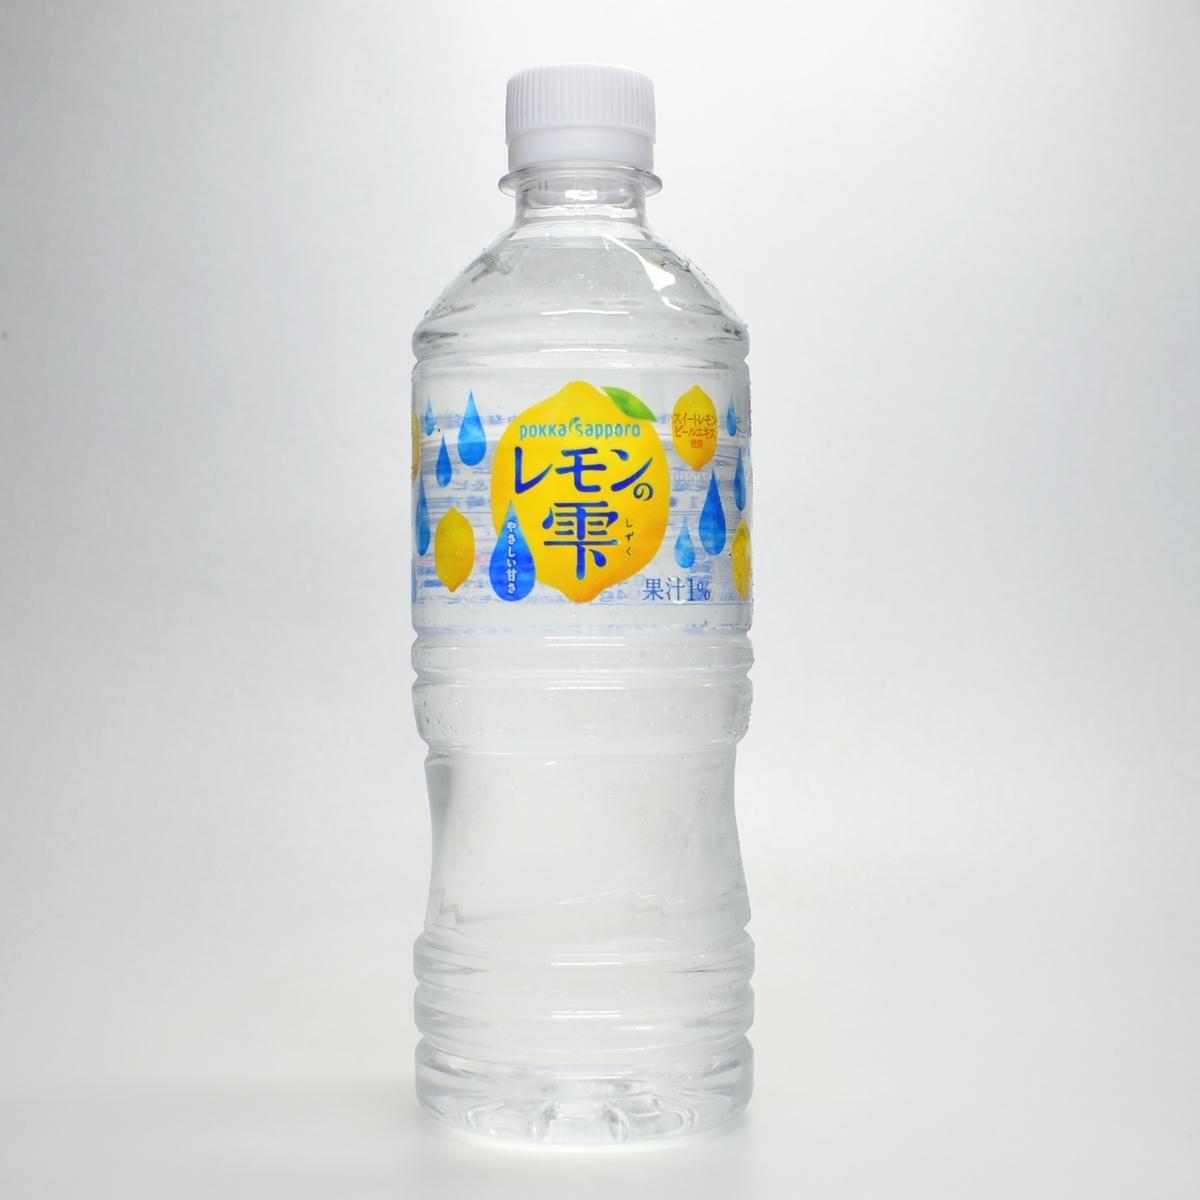 ポッカサッポロ,レモンの雫